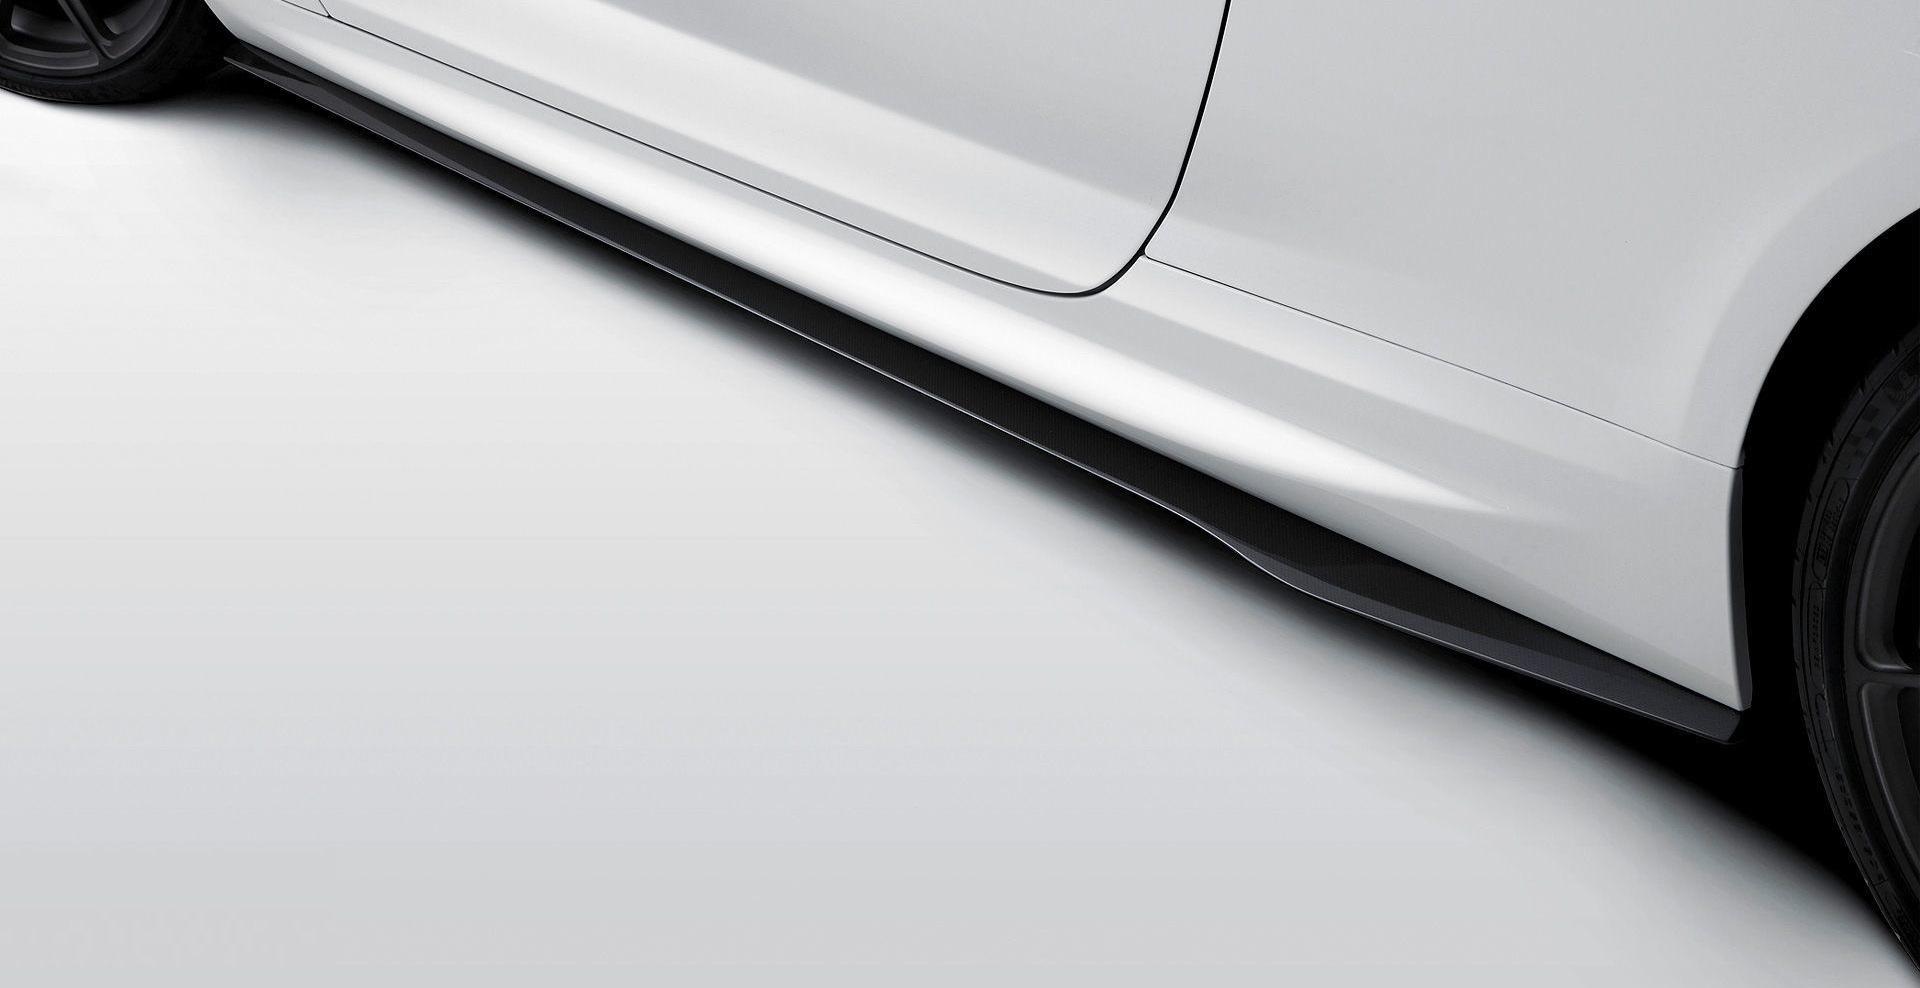 VORSTEINER STYLE CARBON DOOR SILLS FOR BMW M6 NEW STYLE